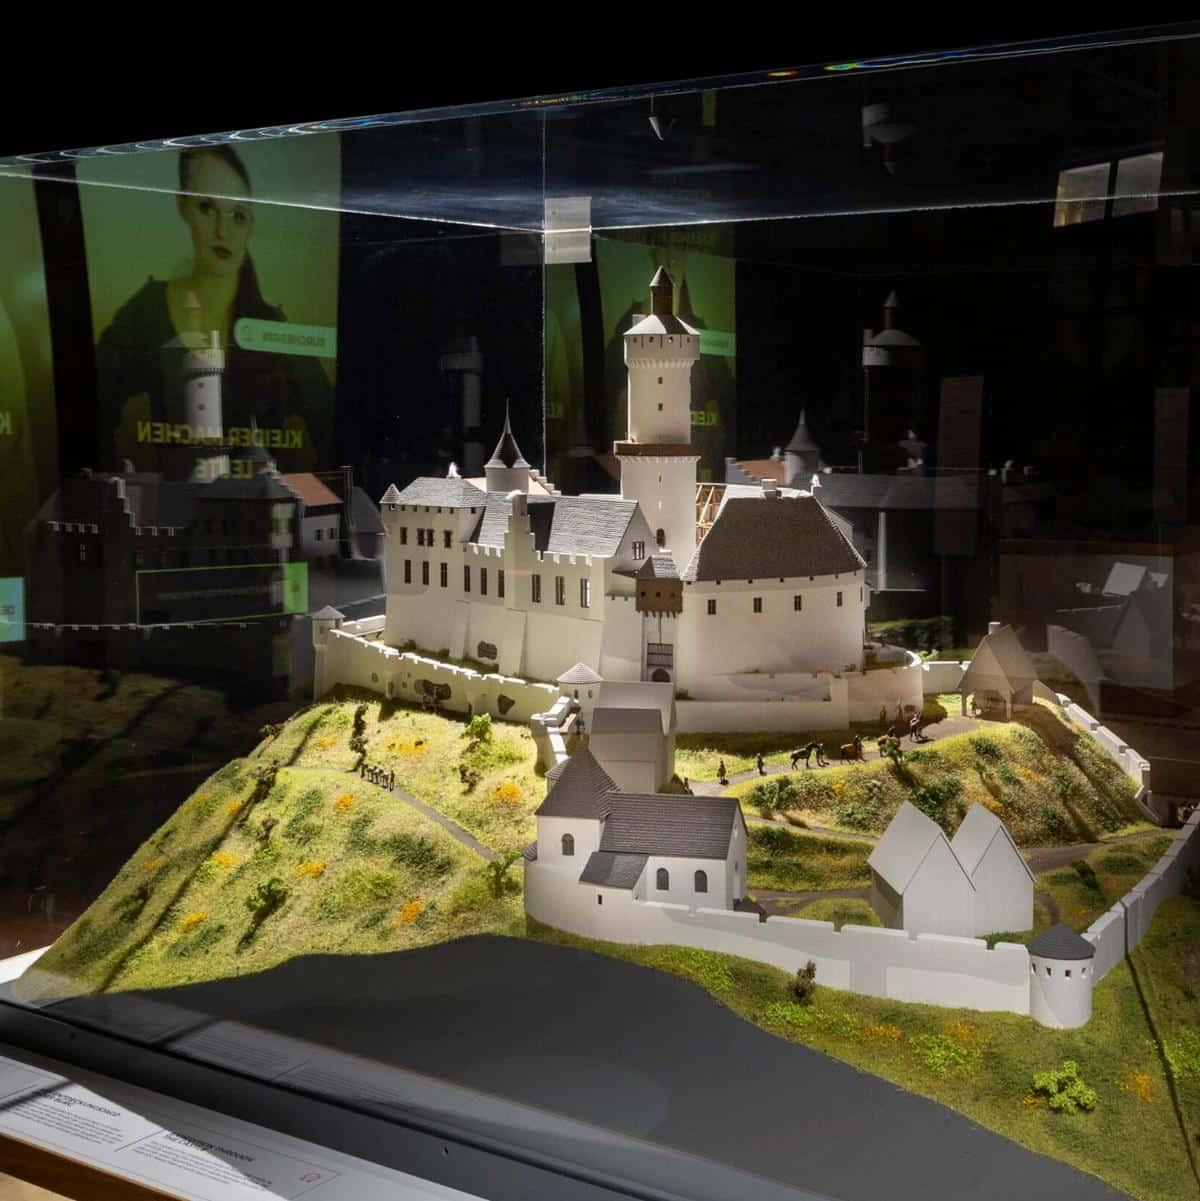 style hannover landesmuseum weltenmuseum ausstellung RitterBurgen 1 - Landesmuseum - Ritter und Burgen - bis zum 20. Februar 2021